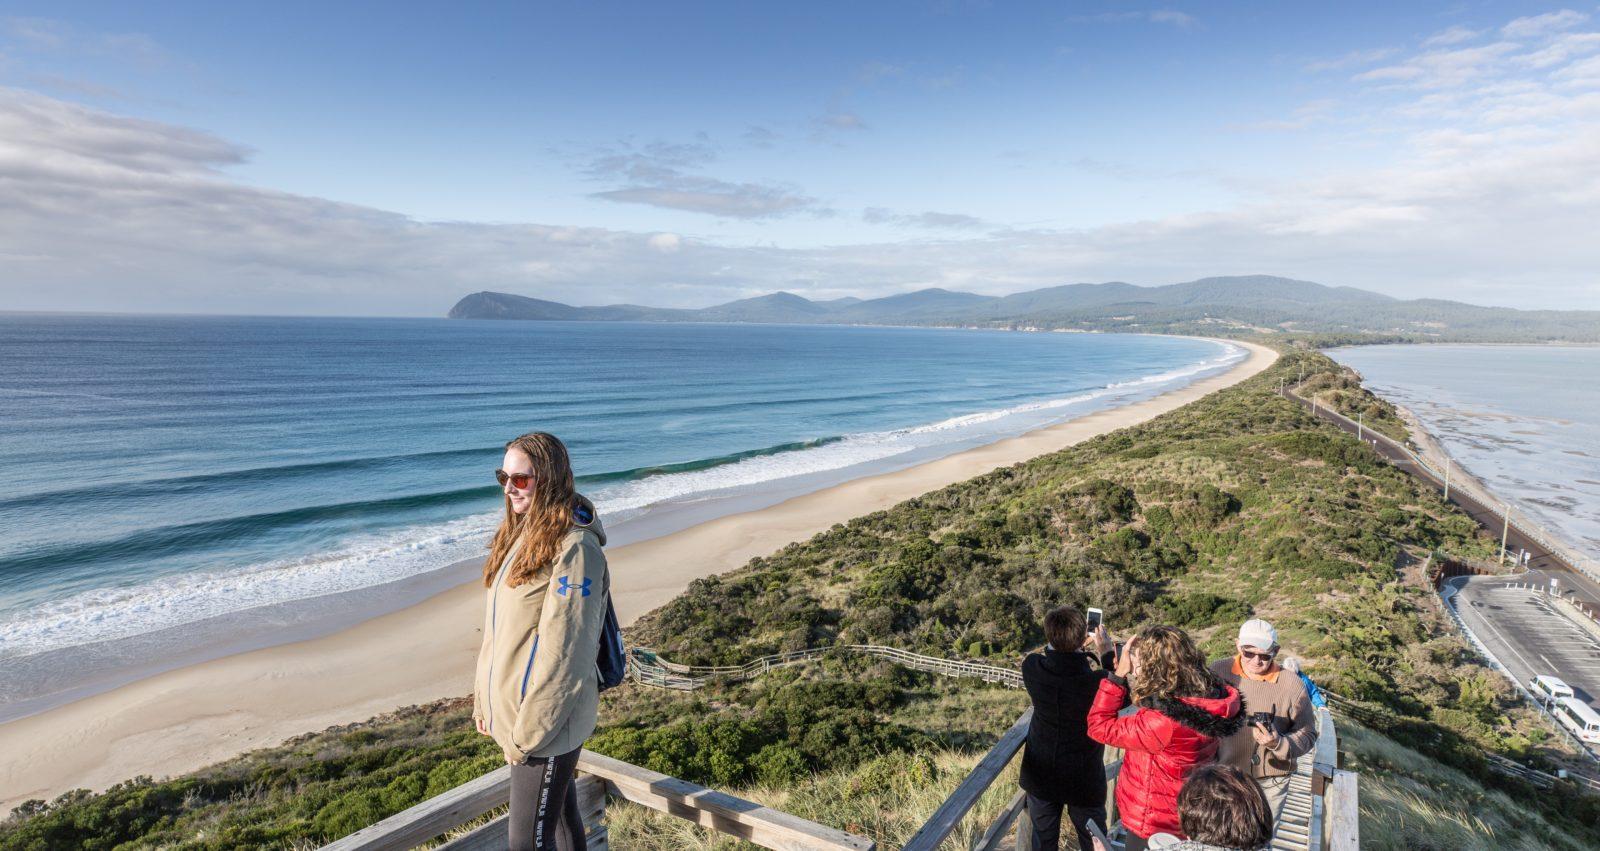 Bruny Island, Bruny Island Neck, Bruny Island Tours, Hobart, Tasmania